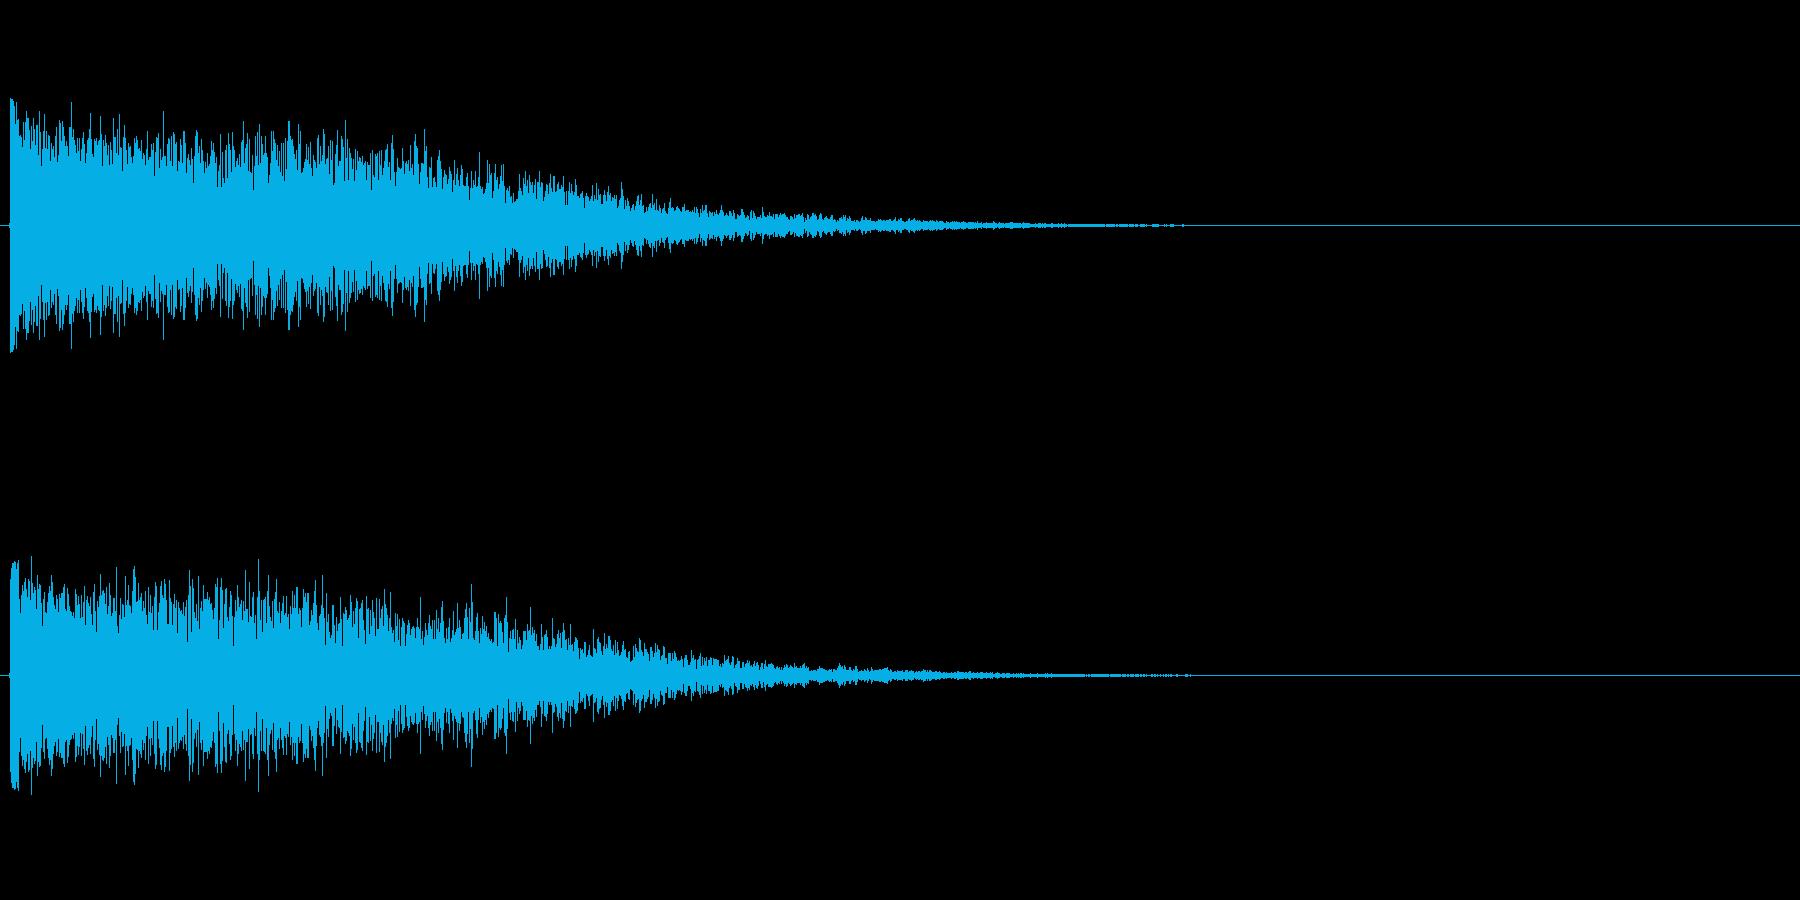 ハリウッド風効果音の再生済みの波形